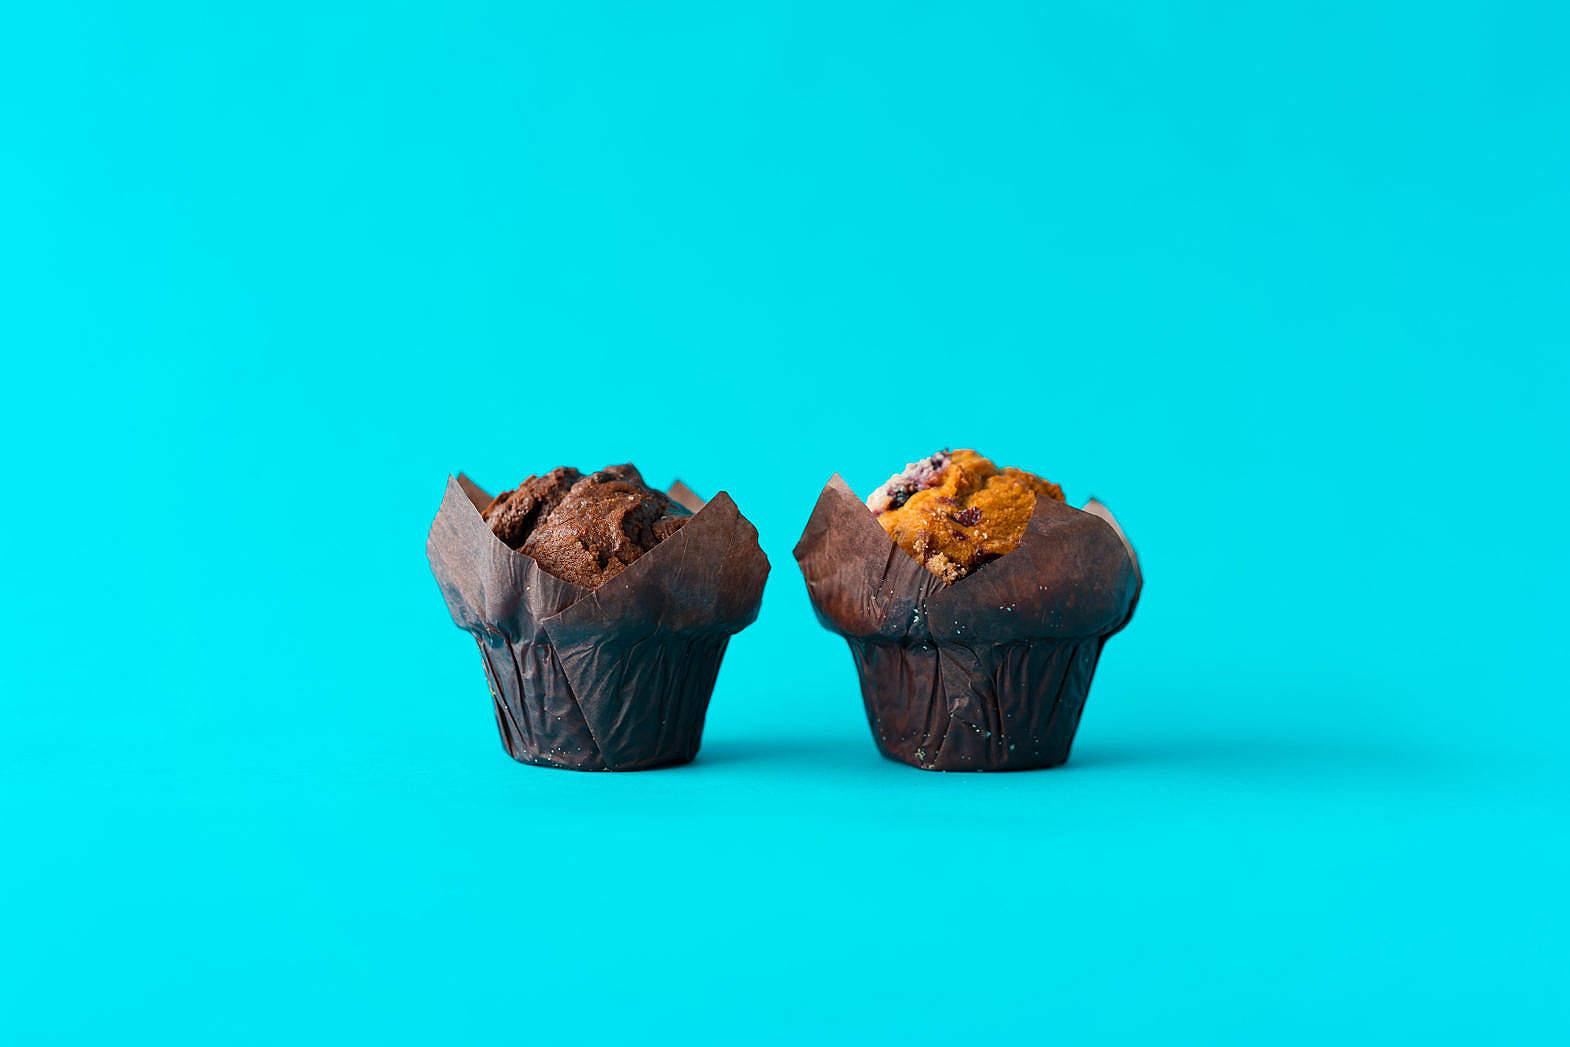 巧克力,蛋糕,饿,美食,纸,甜品,甜点,下午茶 餐饮-第1张